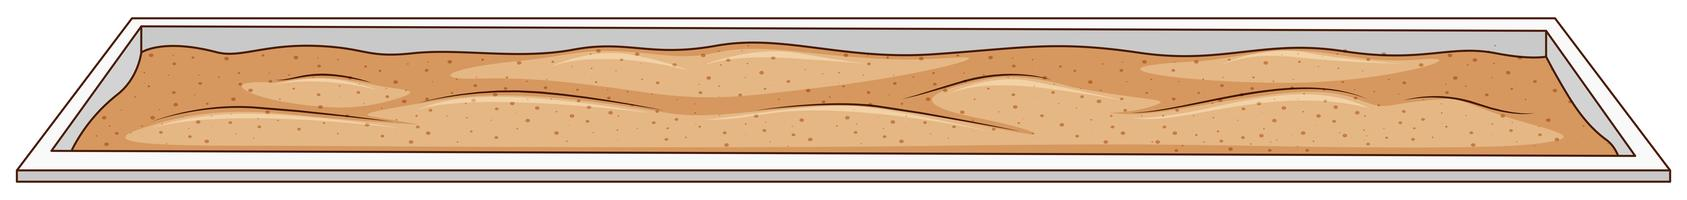 Areia para salto em comprimento